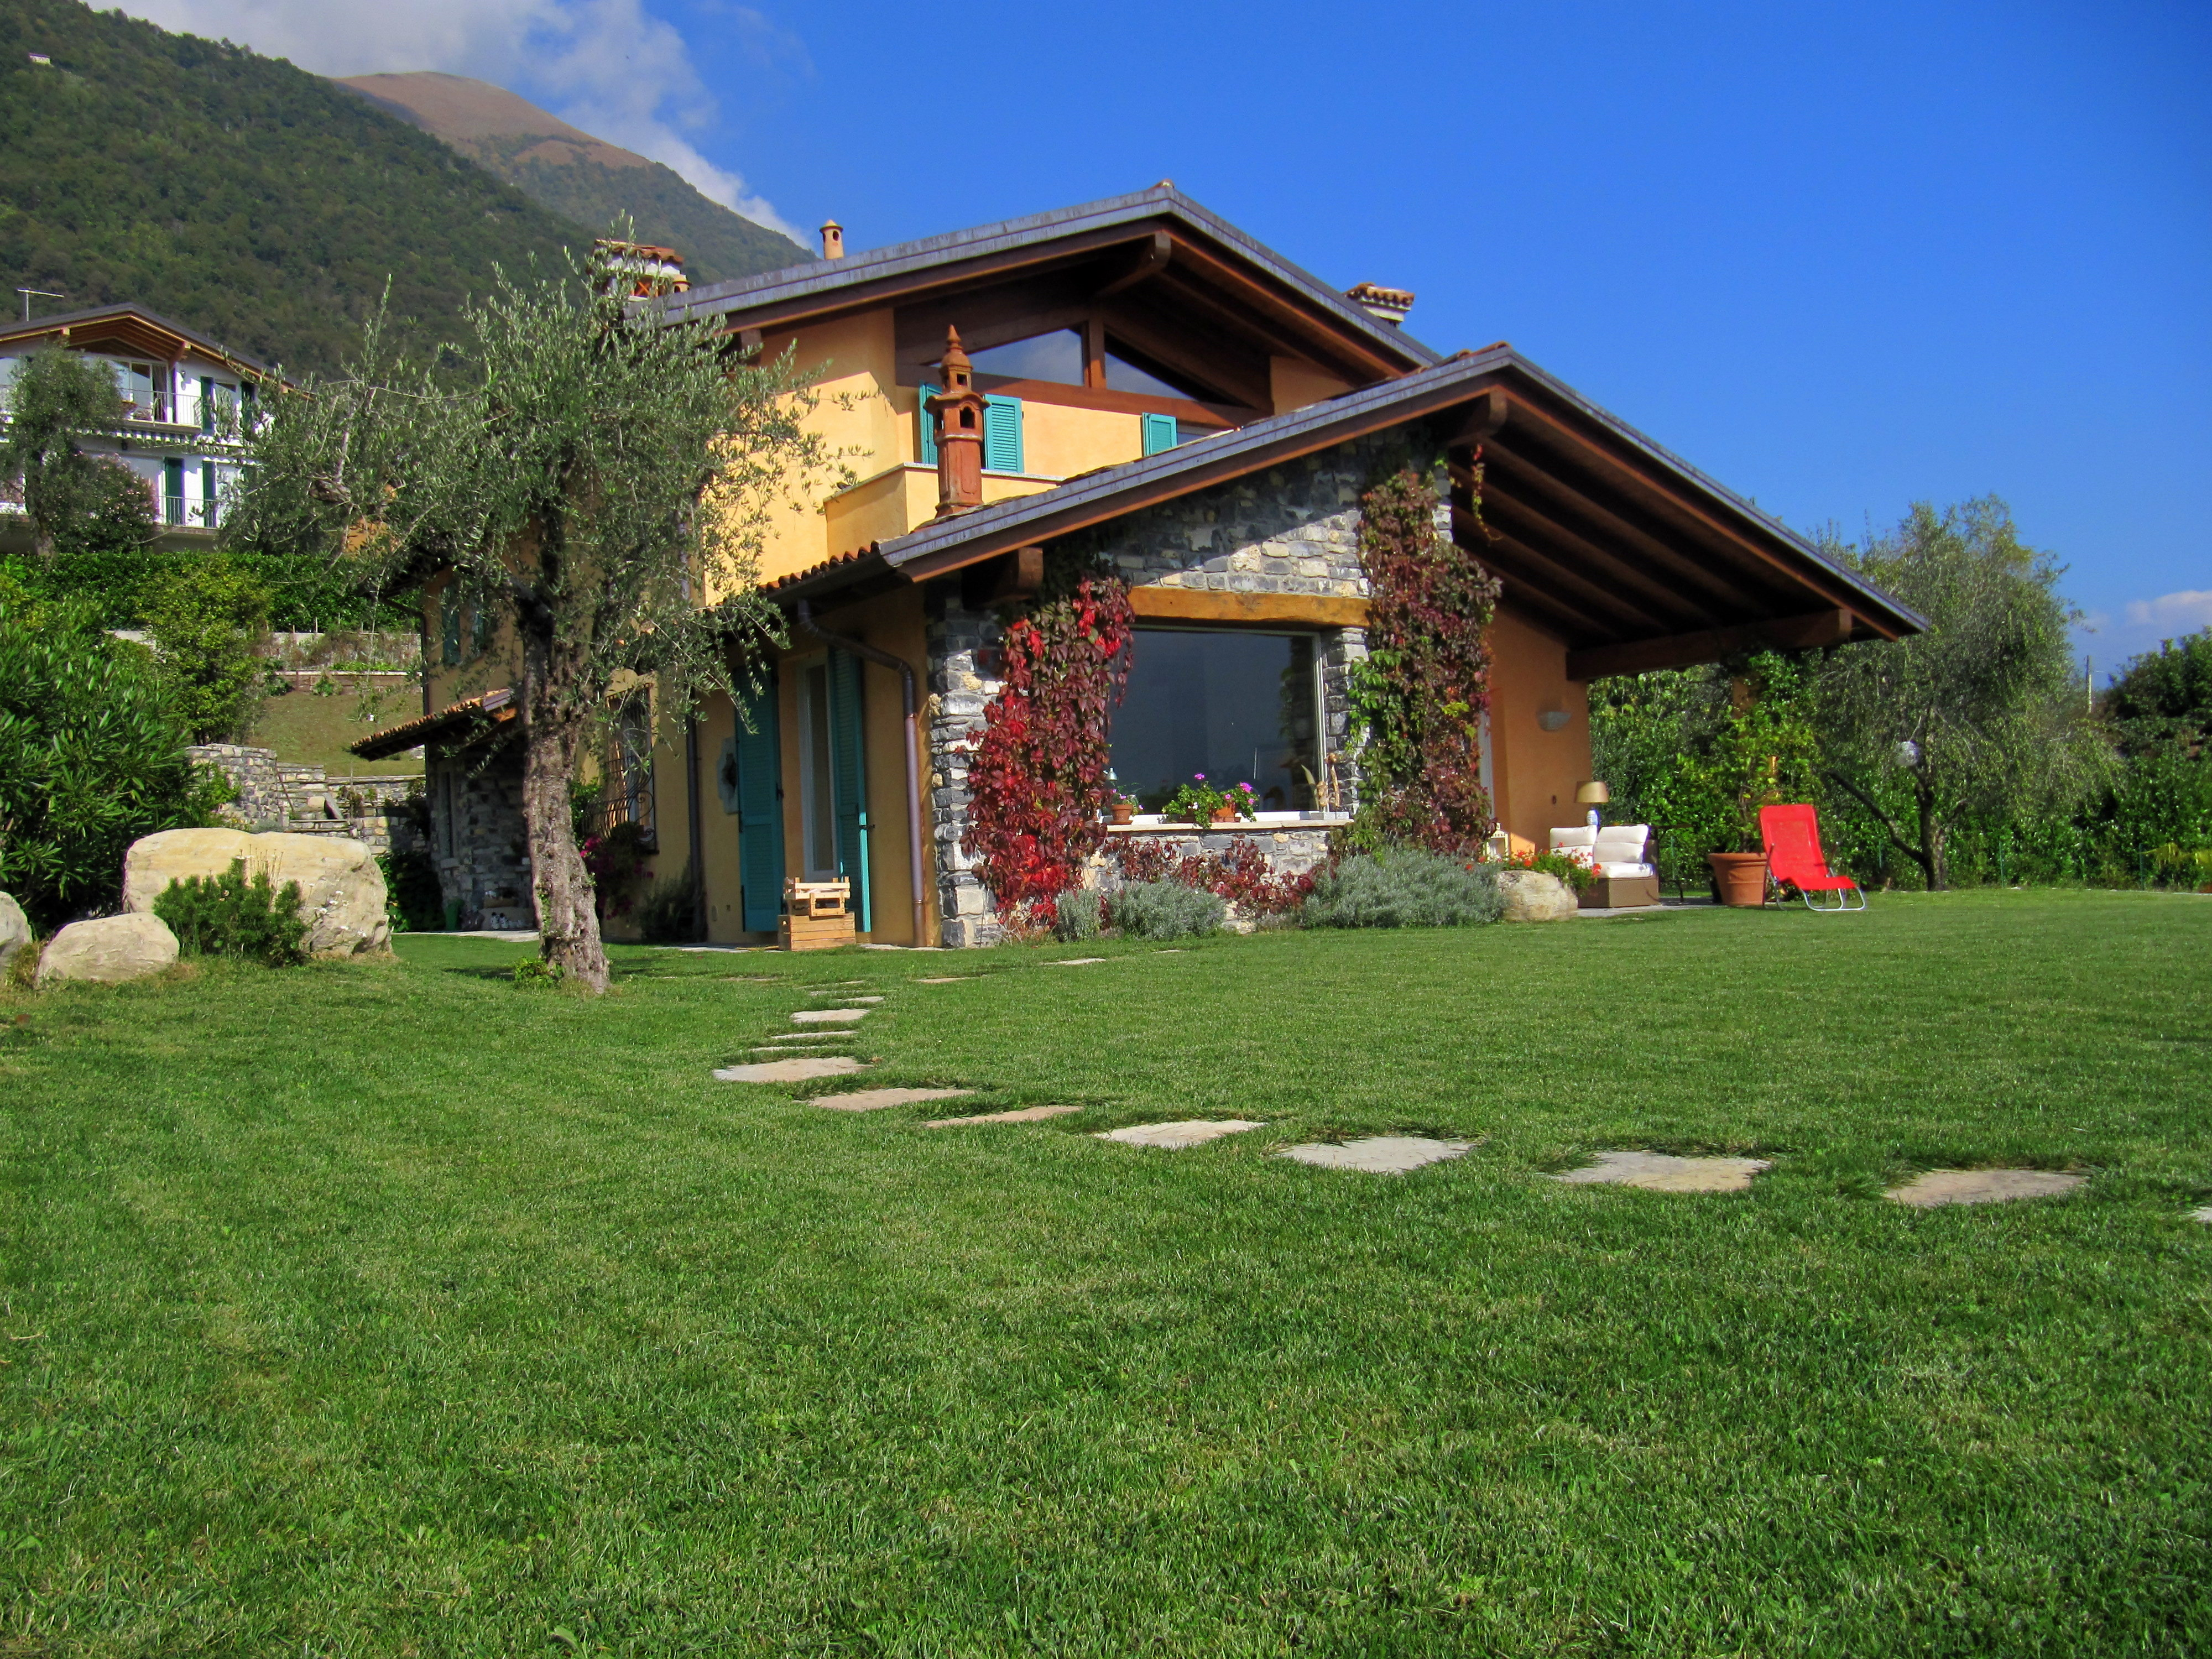 Casetta rustica in campagna immobiliare menaggio for Immagini di villette con giardino